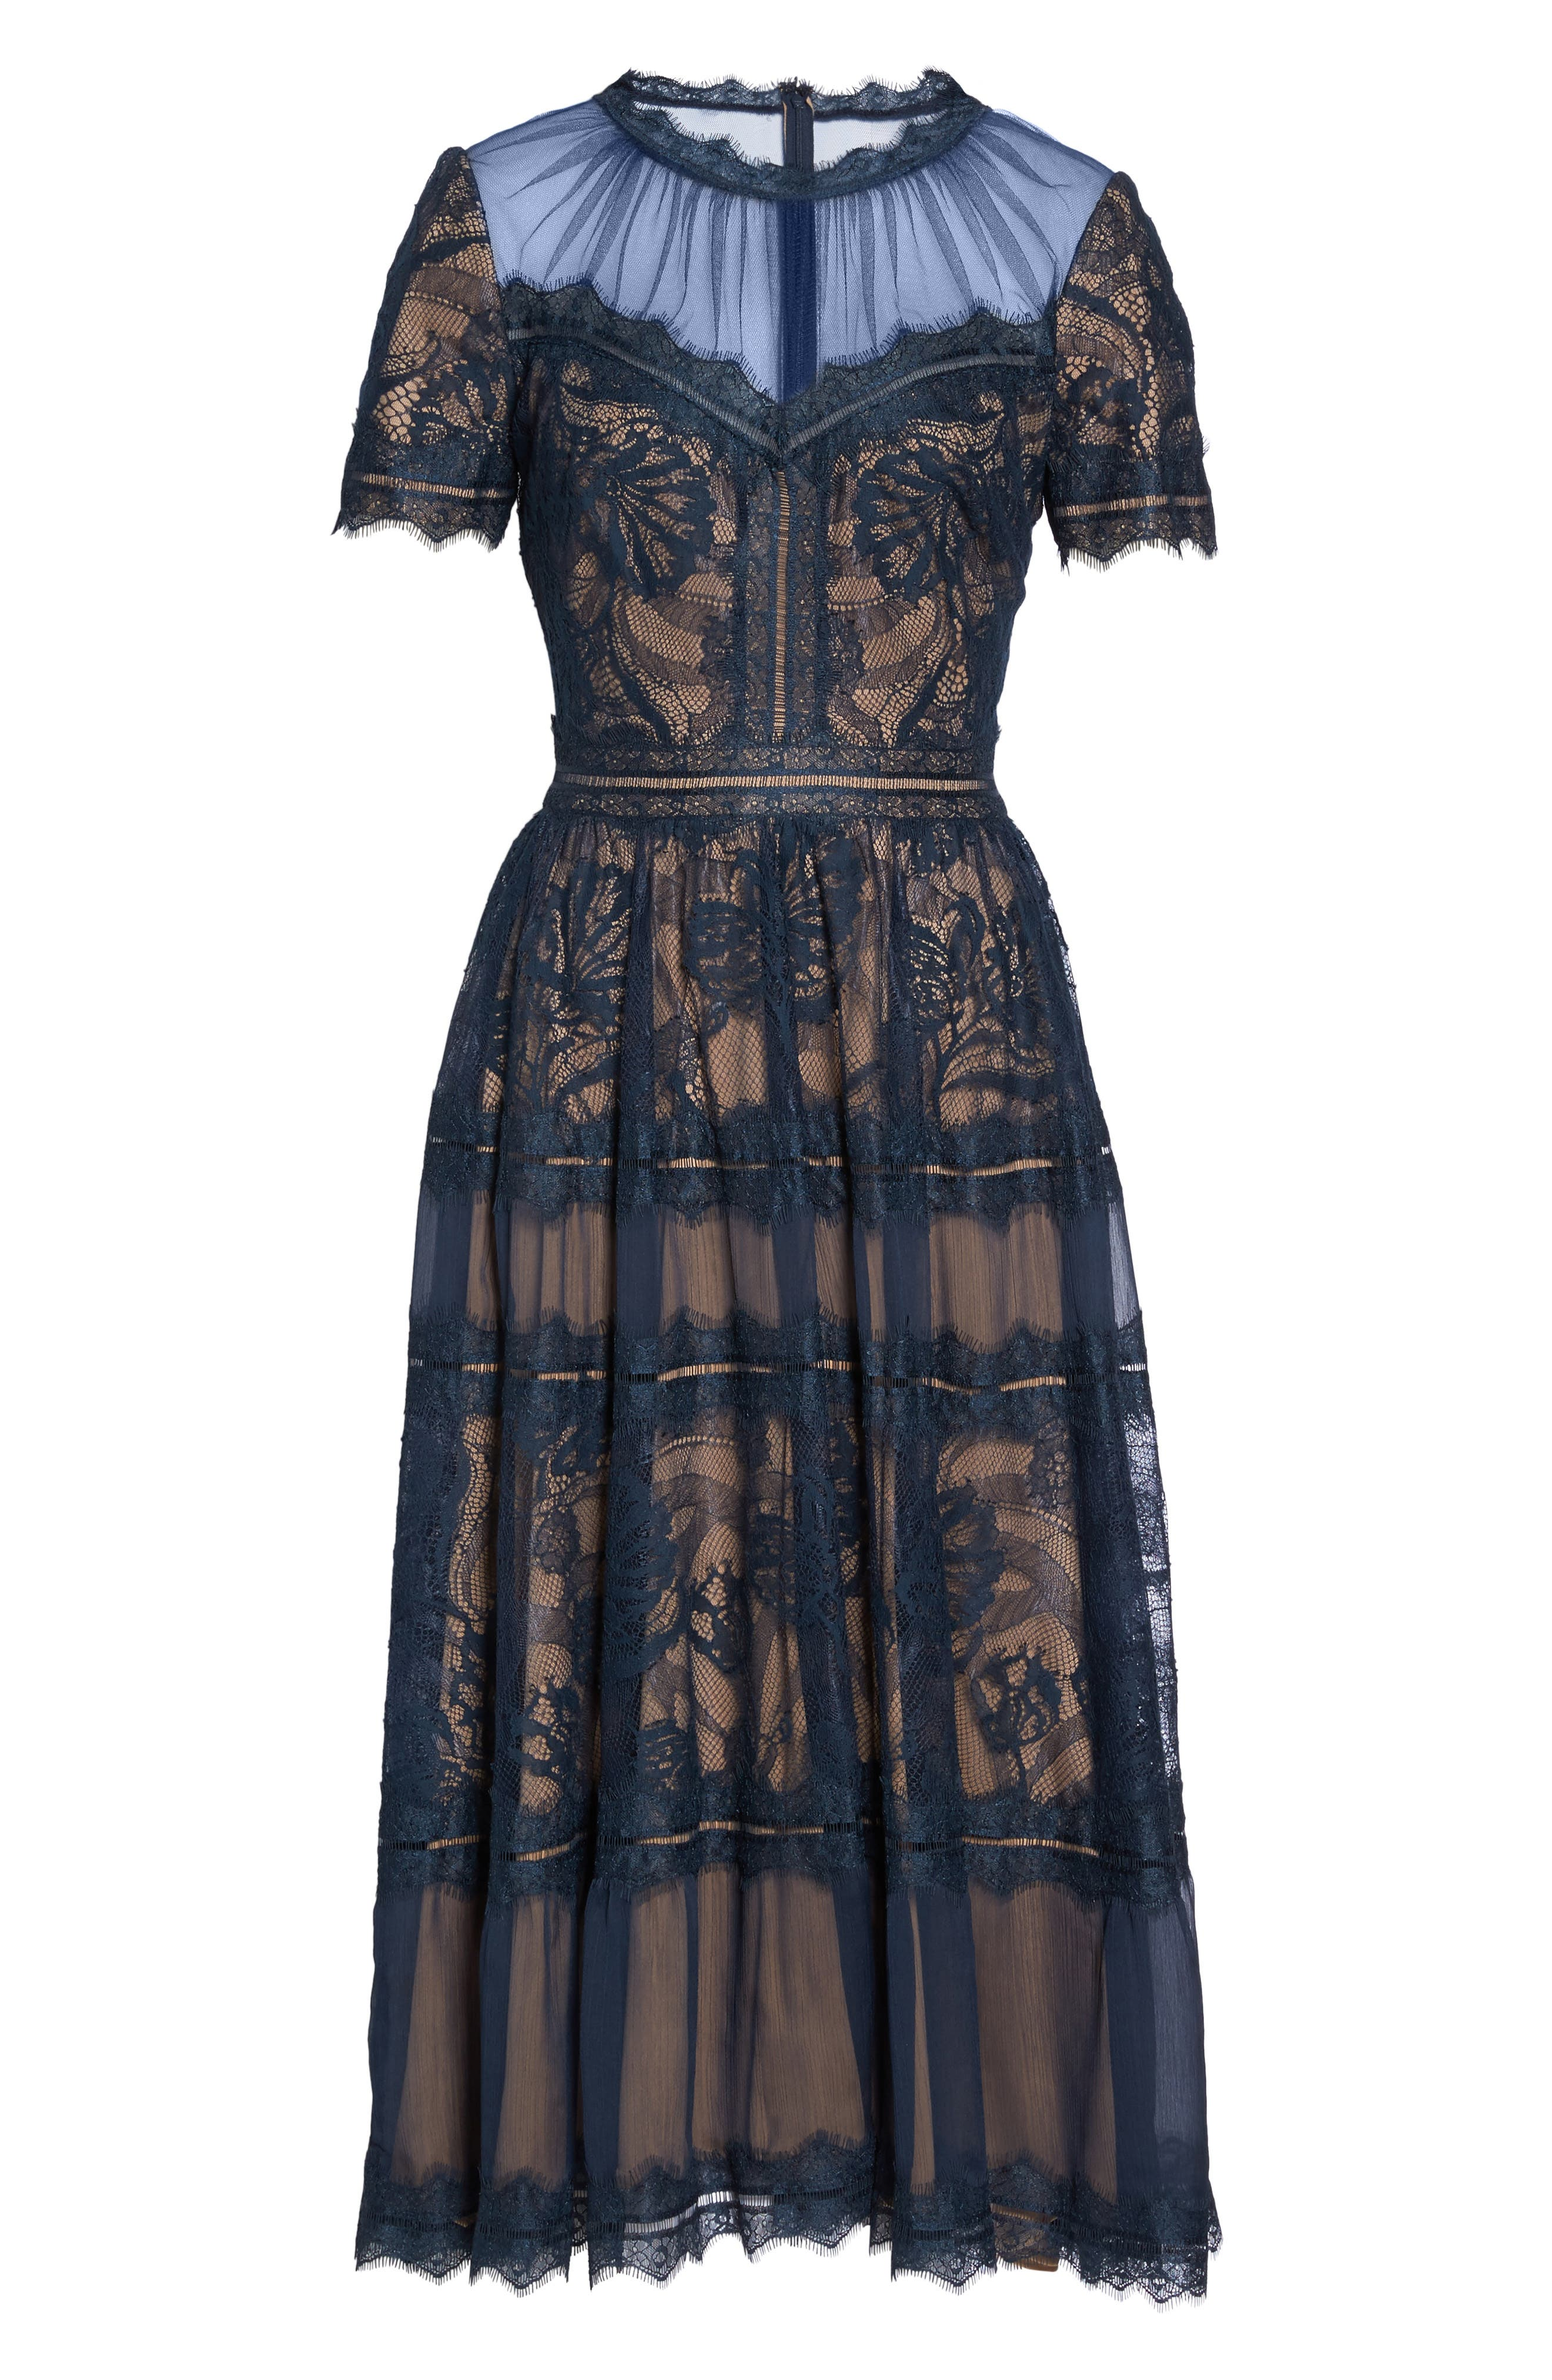 TADASHI SHOJI, Lace Midi Dress, Alternate thumbnail 7, color, NAVY/ NUDE